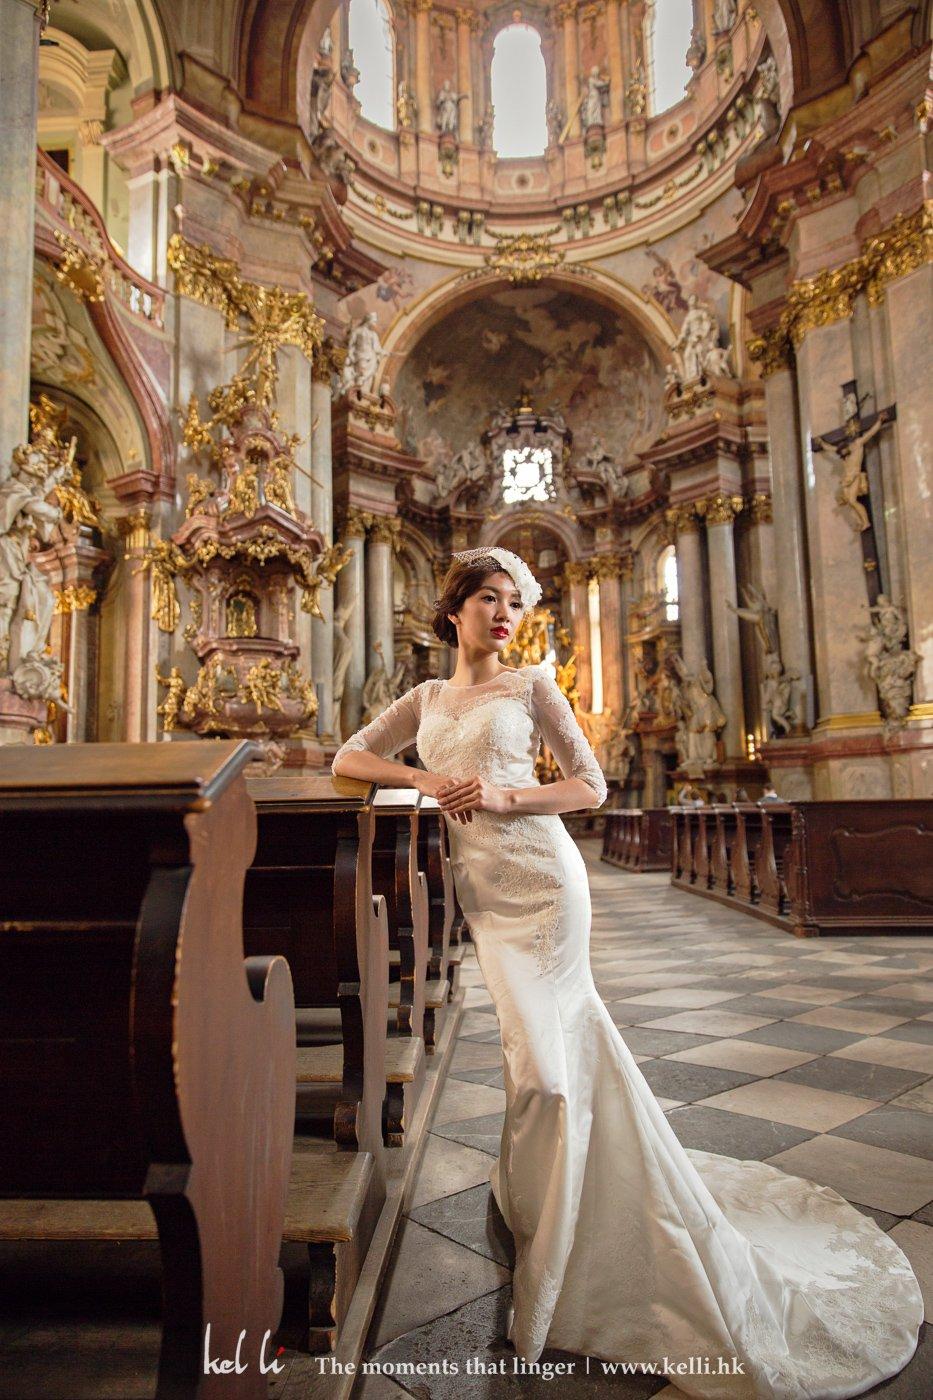 A bride in the beautiful church